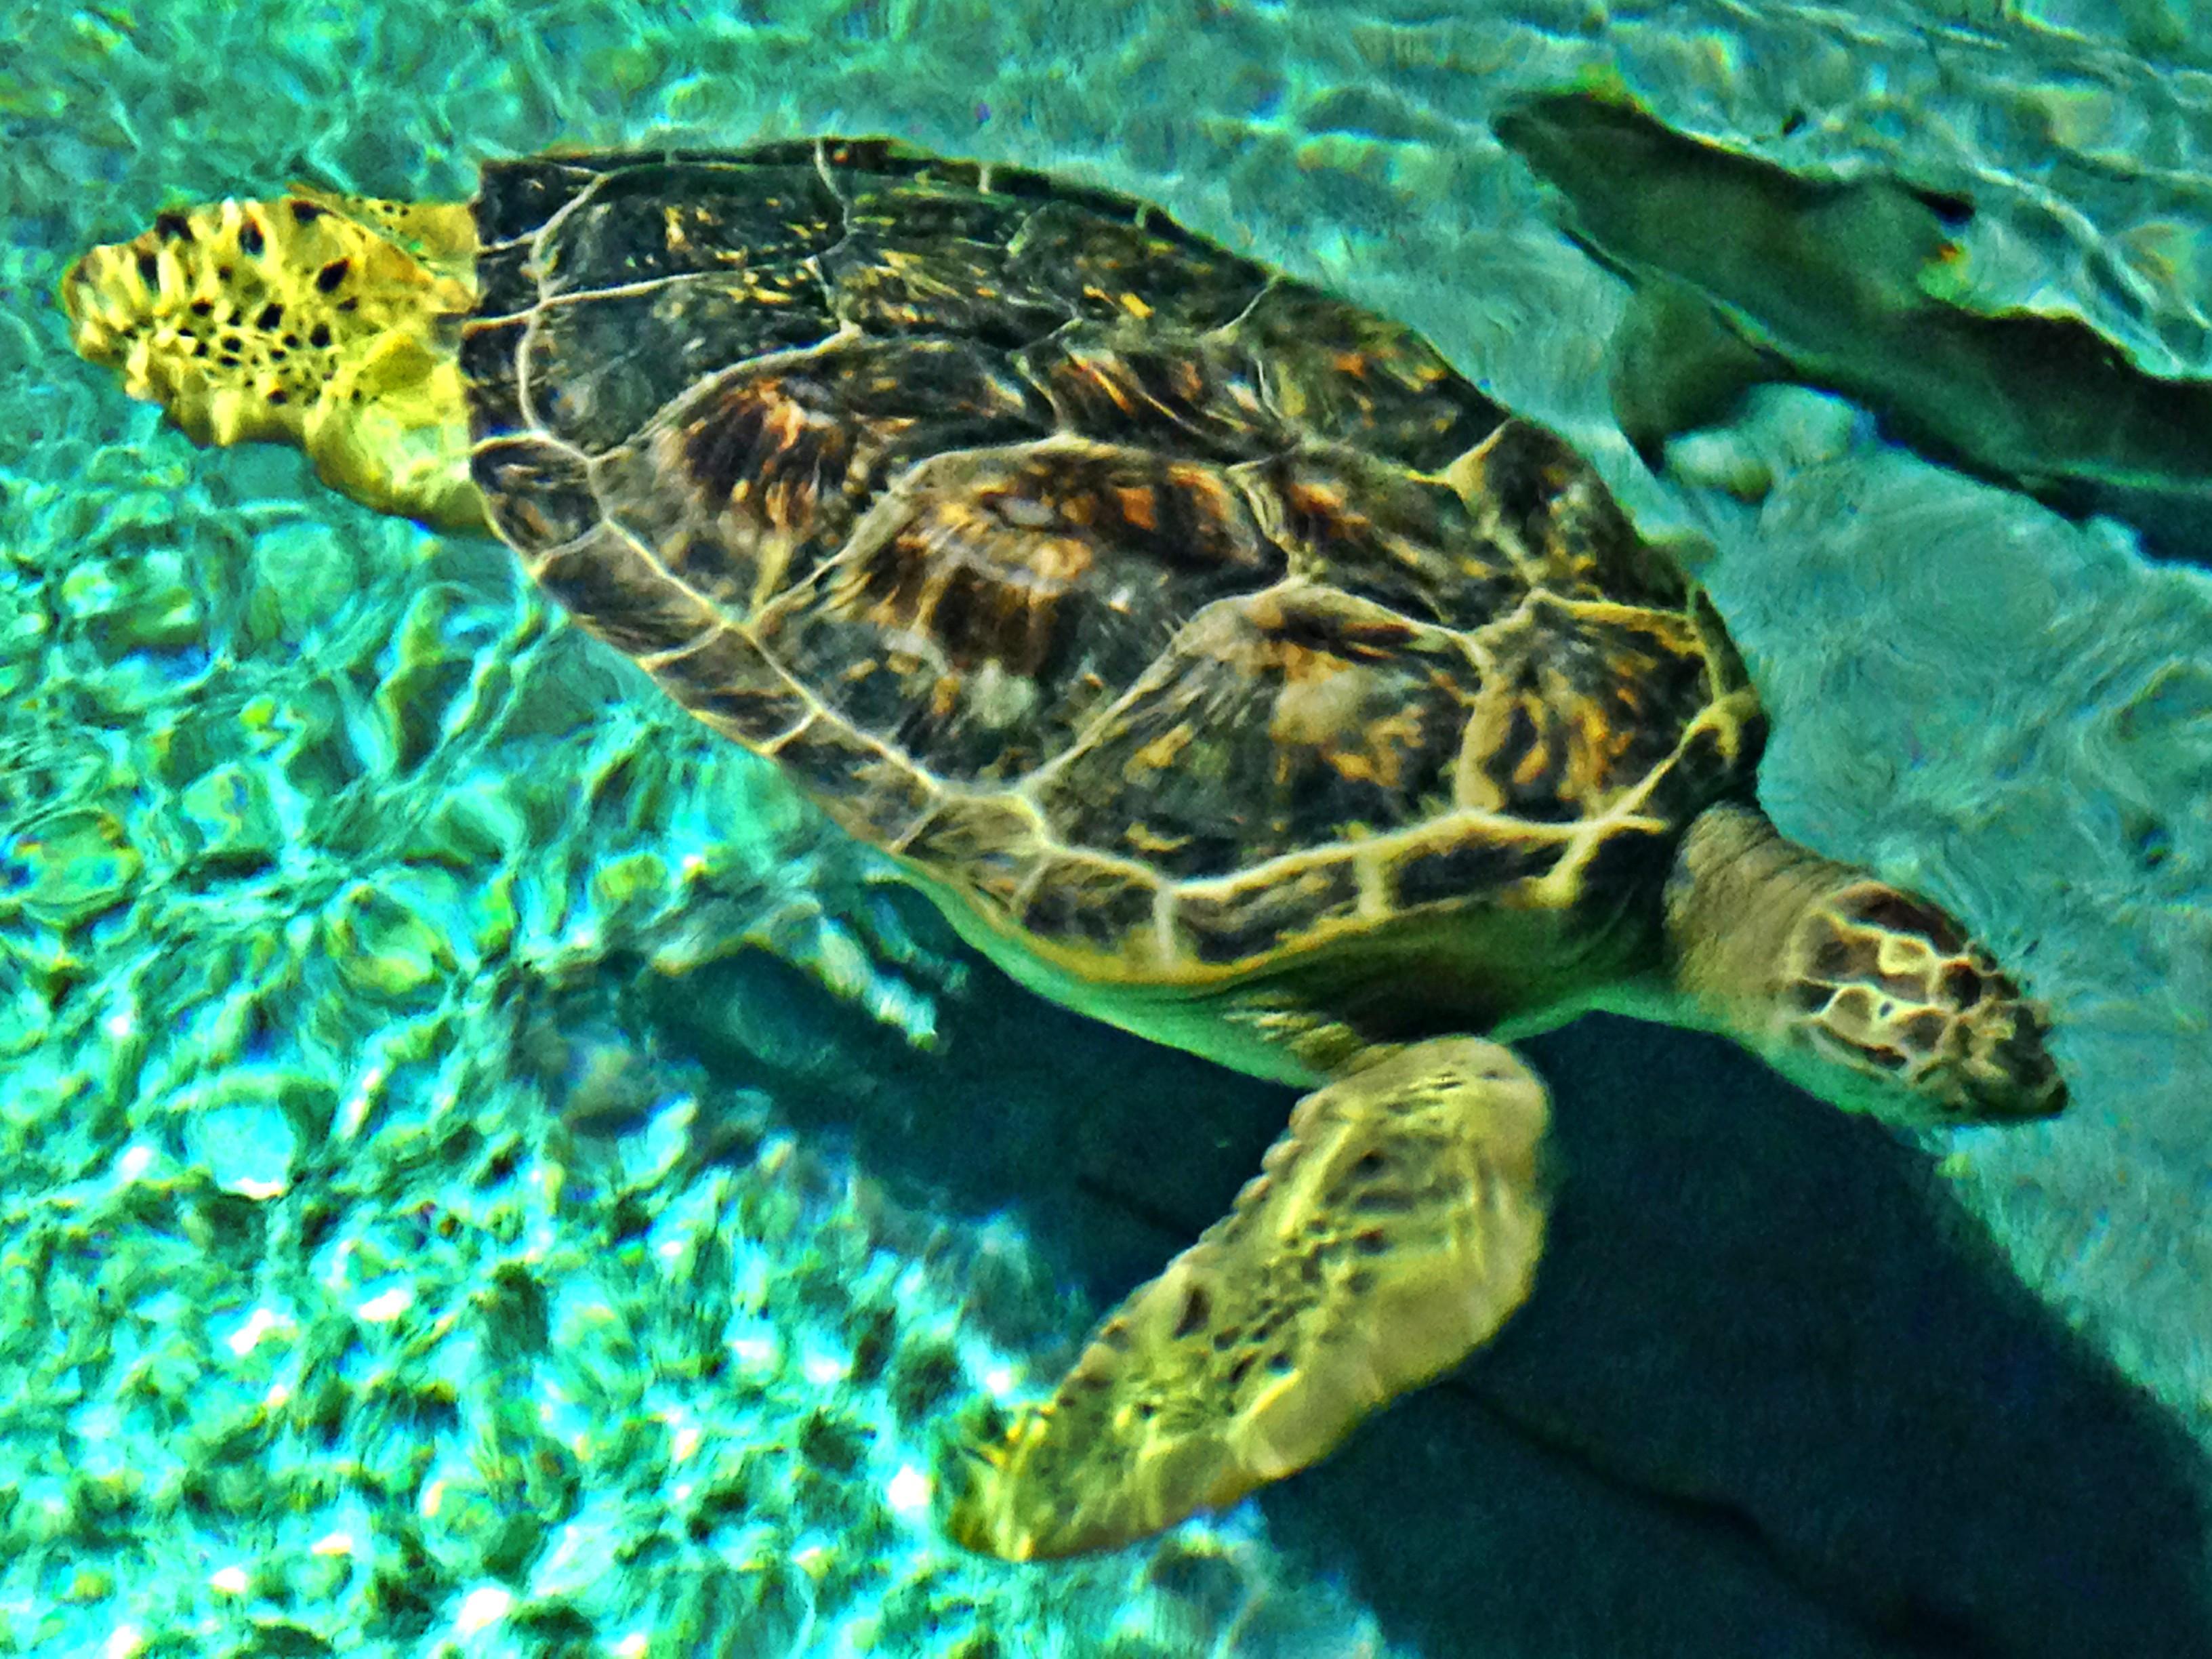 Rescue Turtle at the Baltimore Aquarium